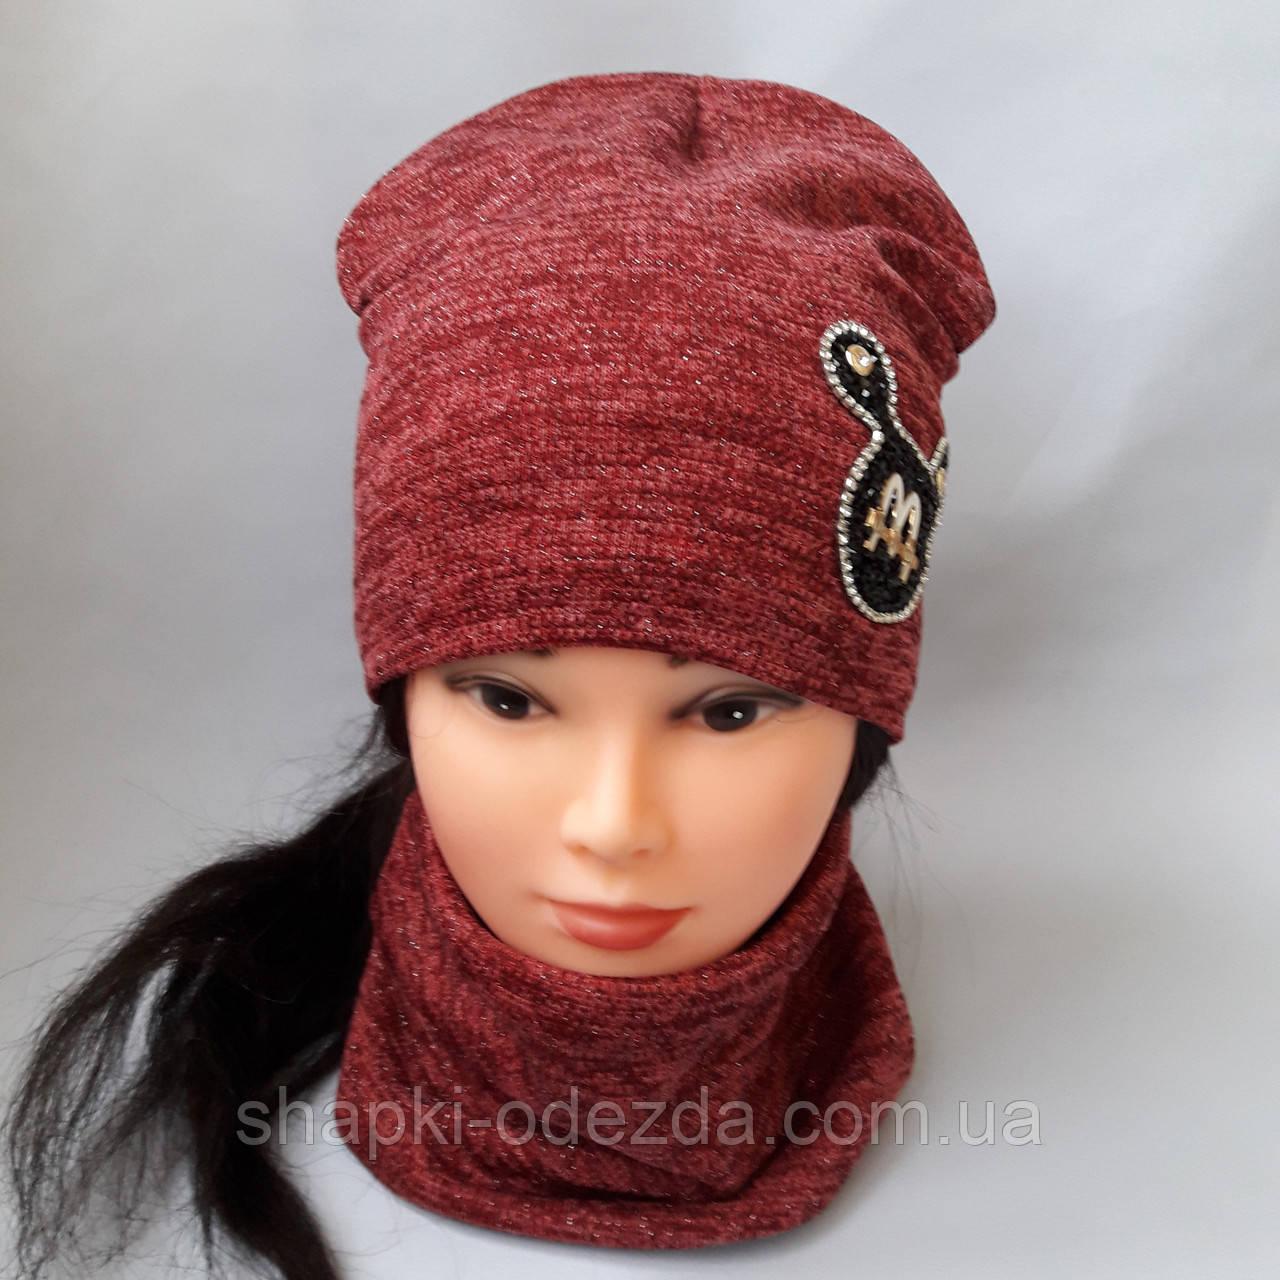 Набор трикотажный для девочки шапка и хомут двойные р 52-54